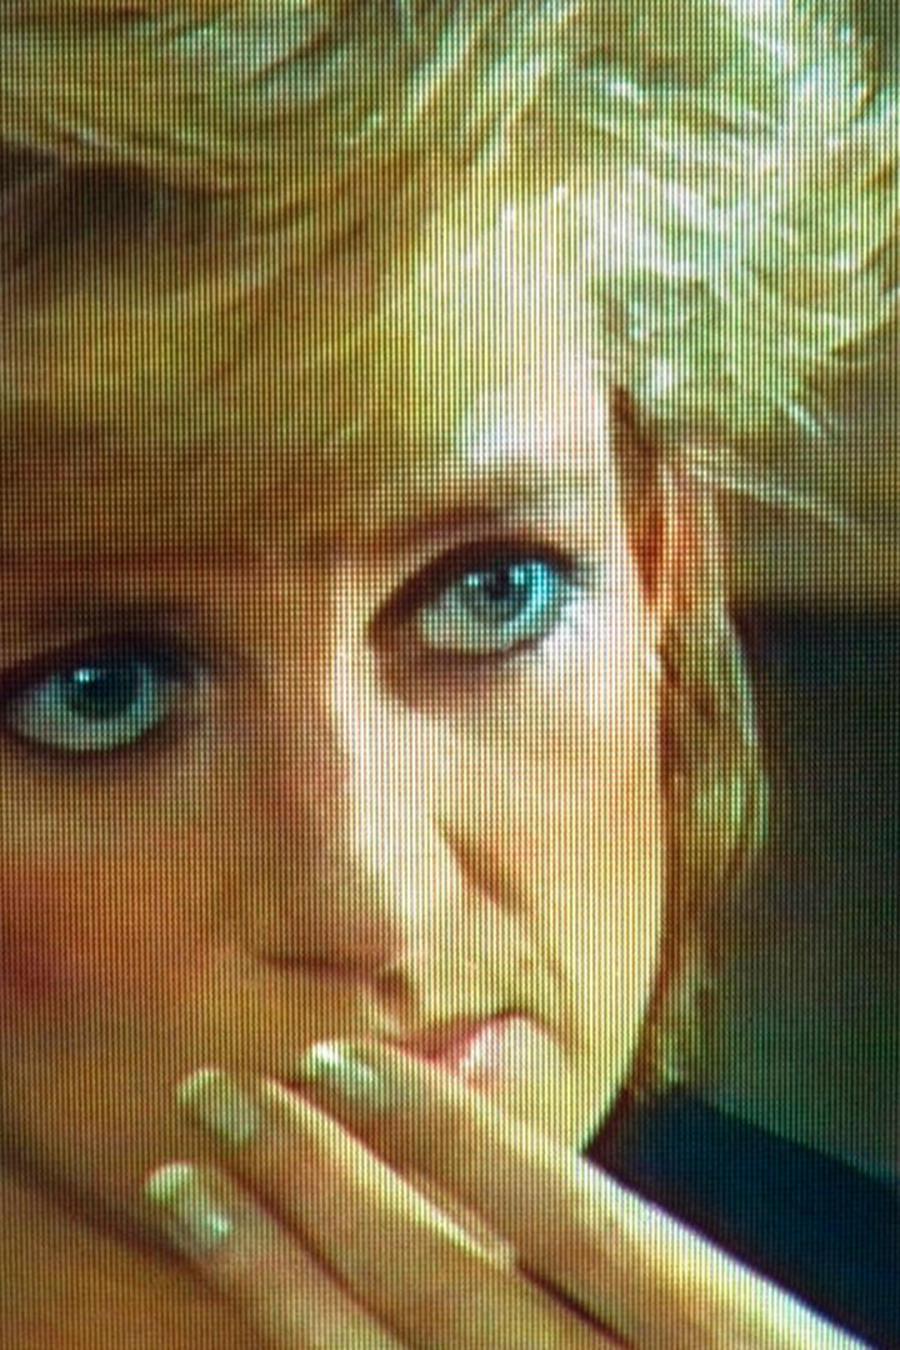 La princesa Diana, entrevista para la BBC en 1995